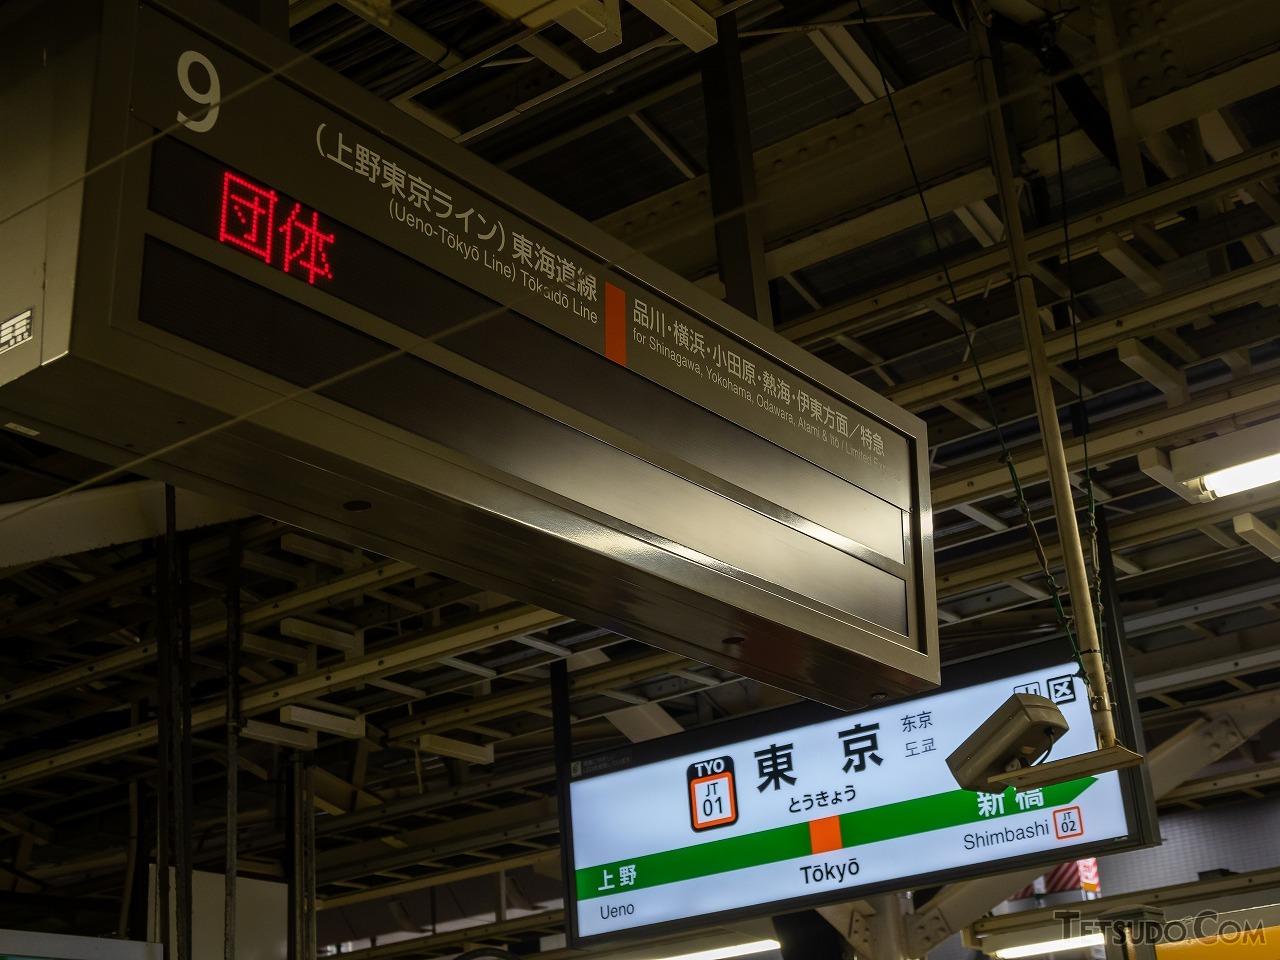 当初は「ムーンライトながら」と同じ10番ホームから発車の予定でしたが、遅れのため急遽9番ホームに変更